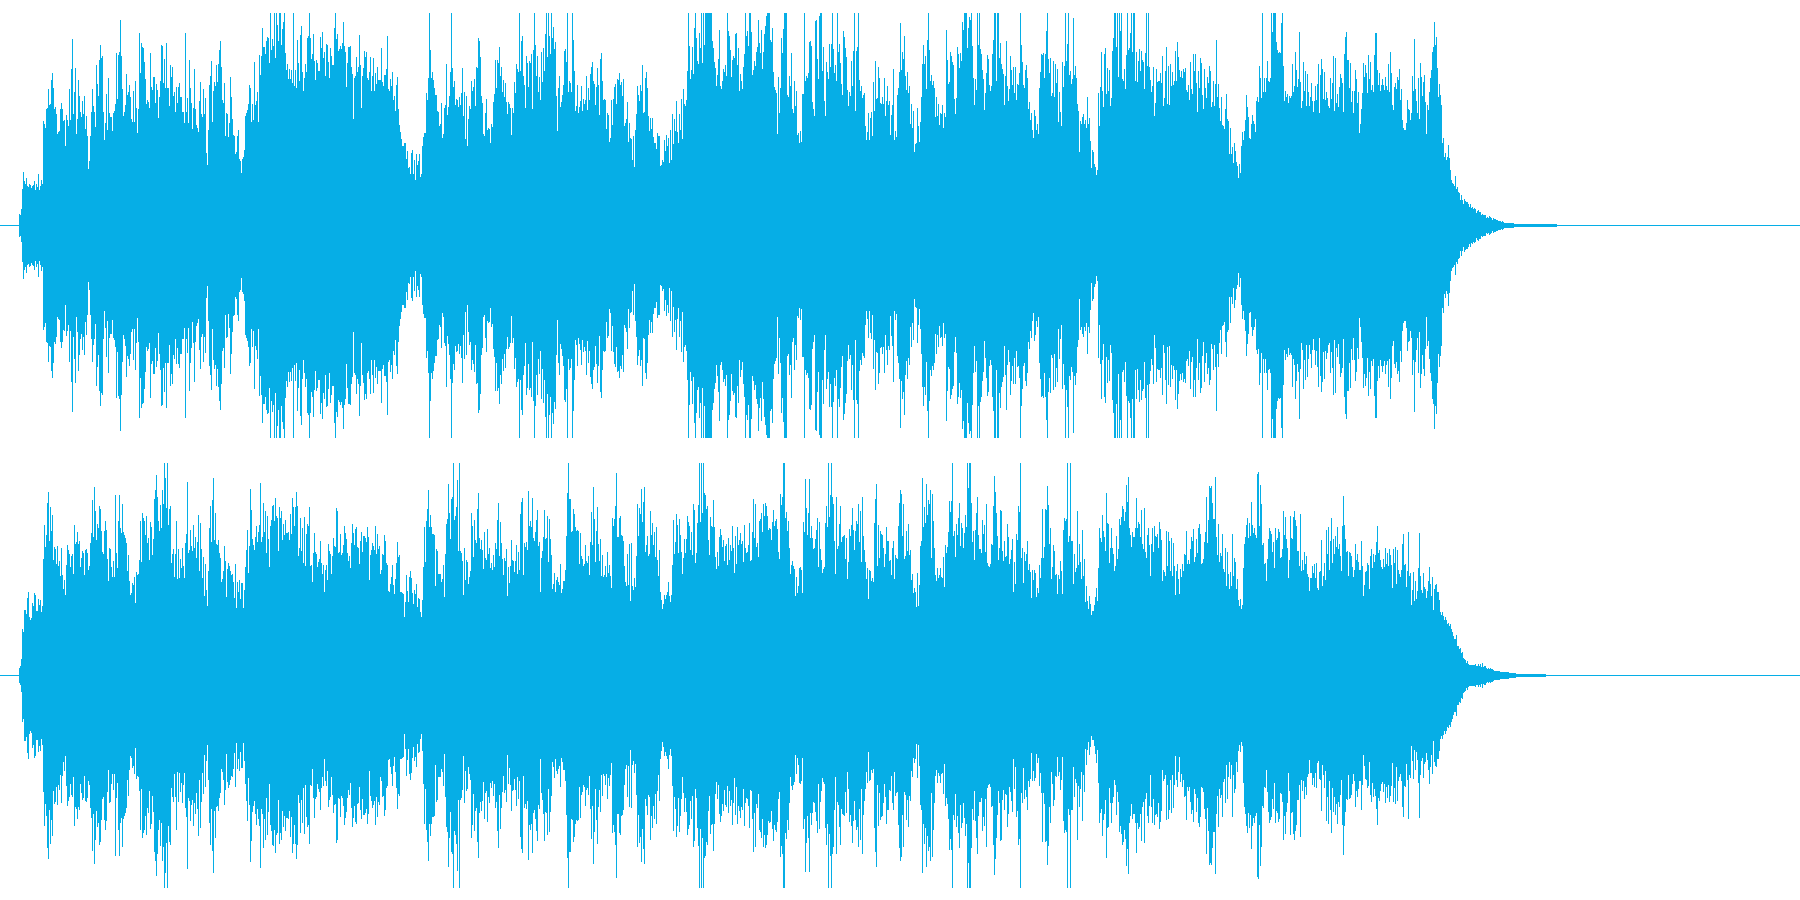 迫力のあるパワフルなラッパ曲の再生済みの波形